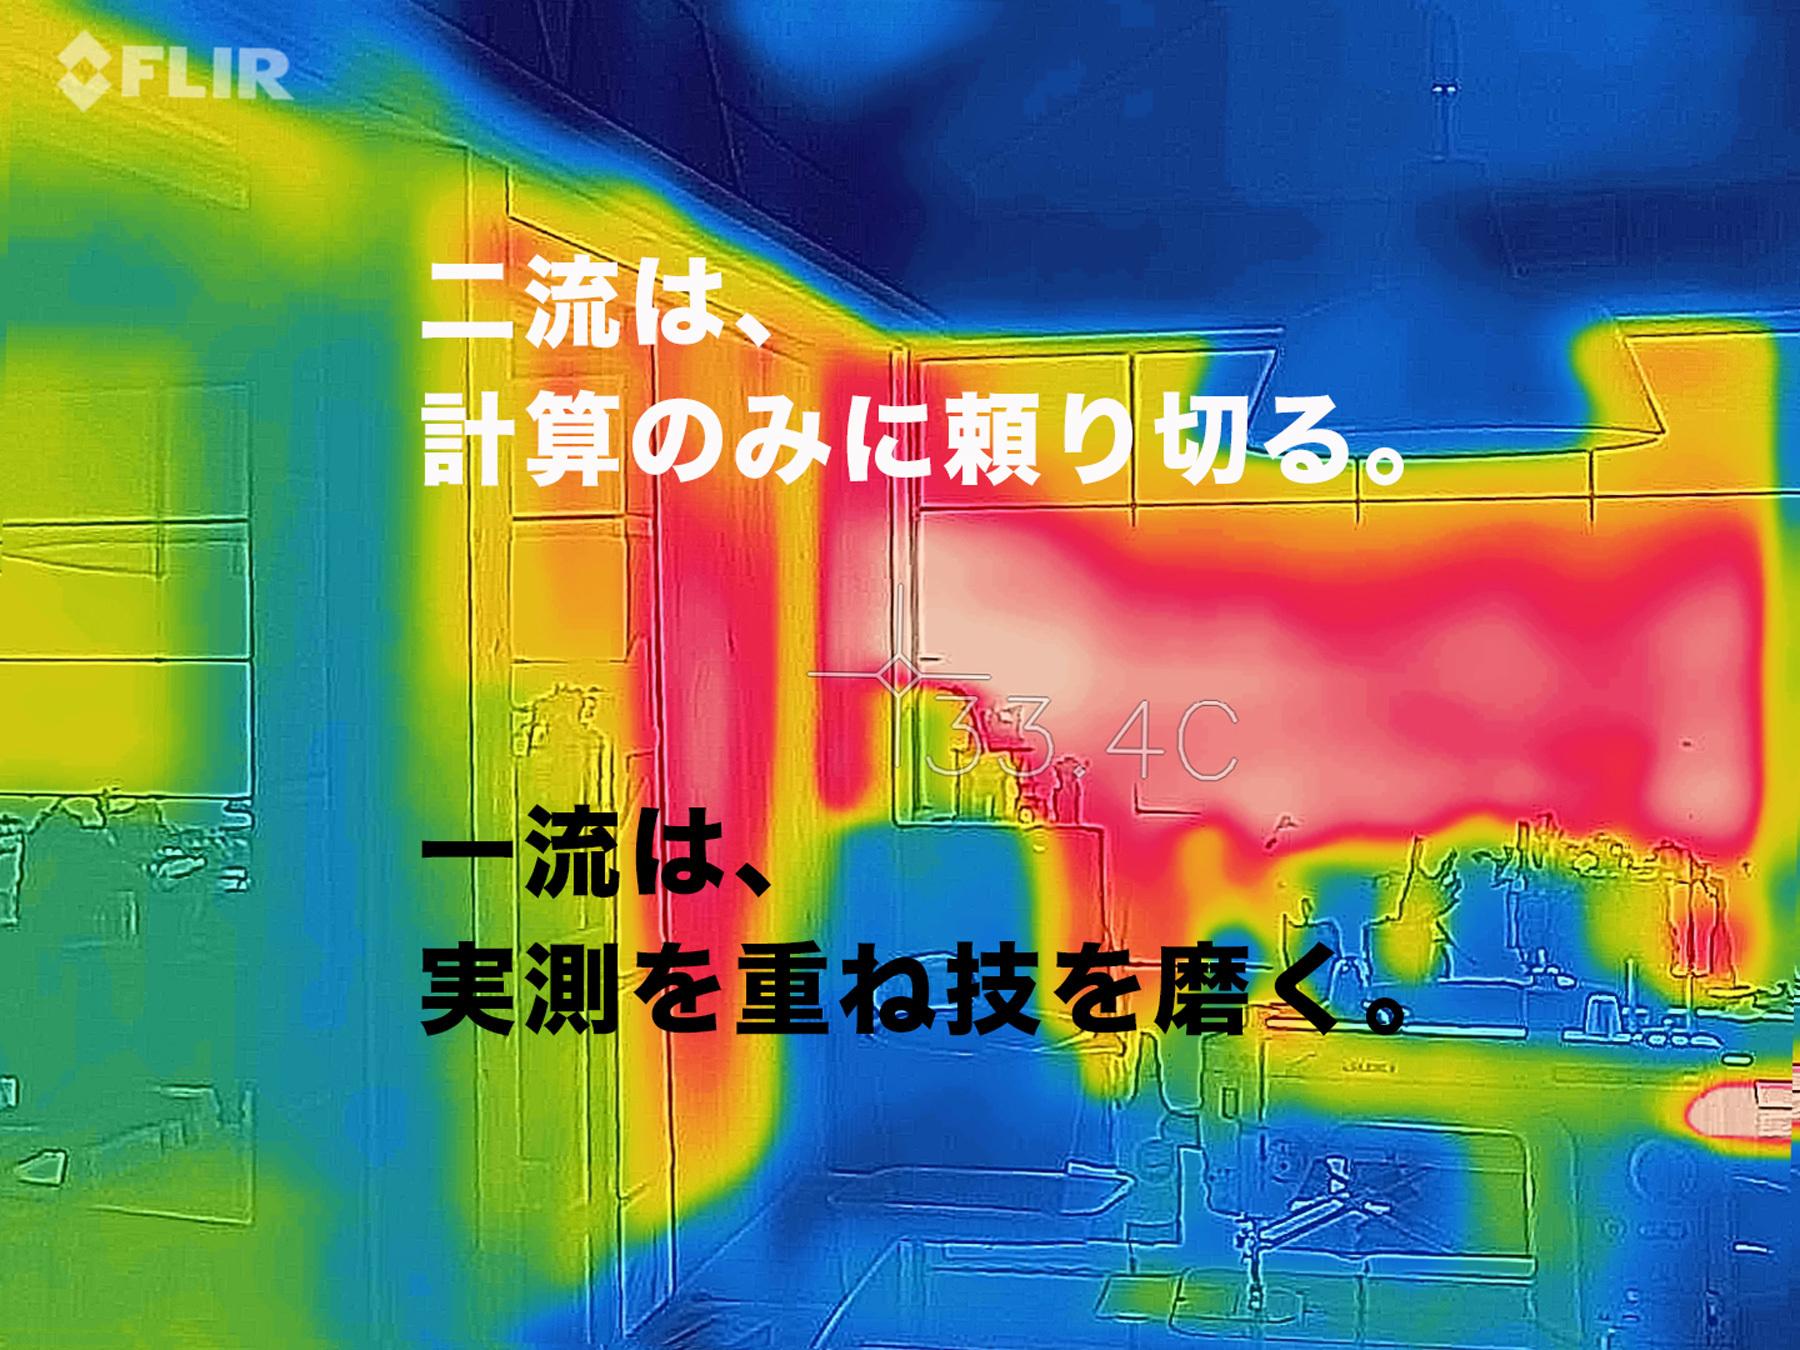 サーモグラフィでわかった、窓まわりの表面温度のリアルとは?